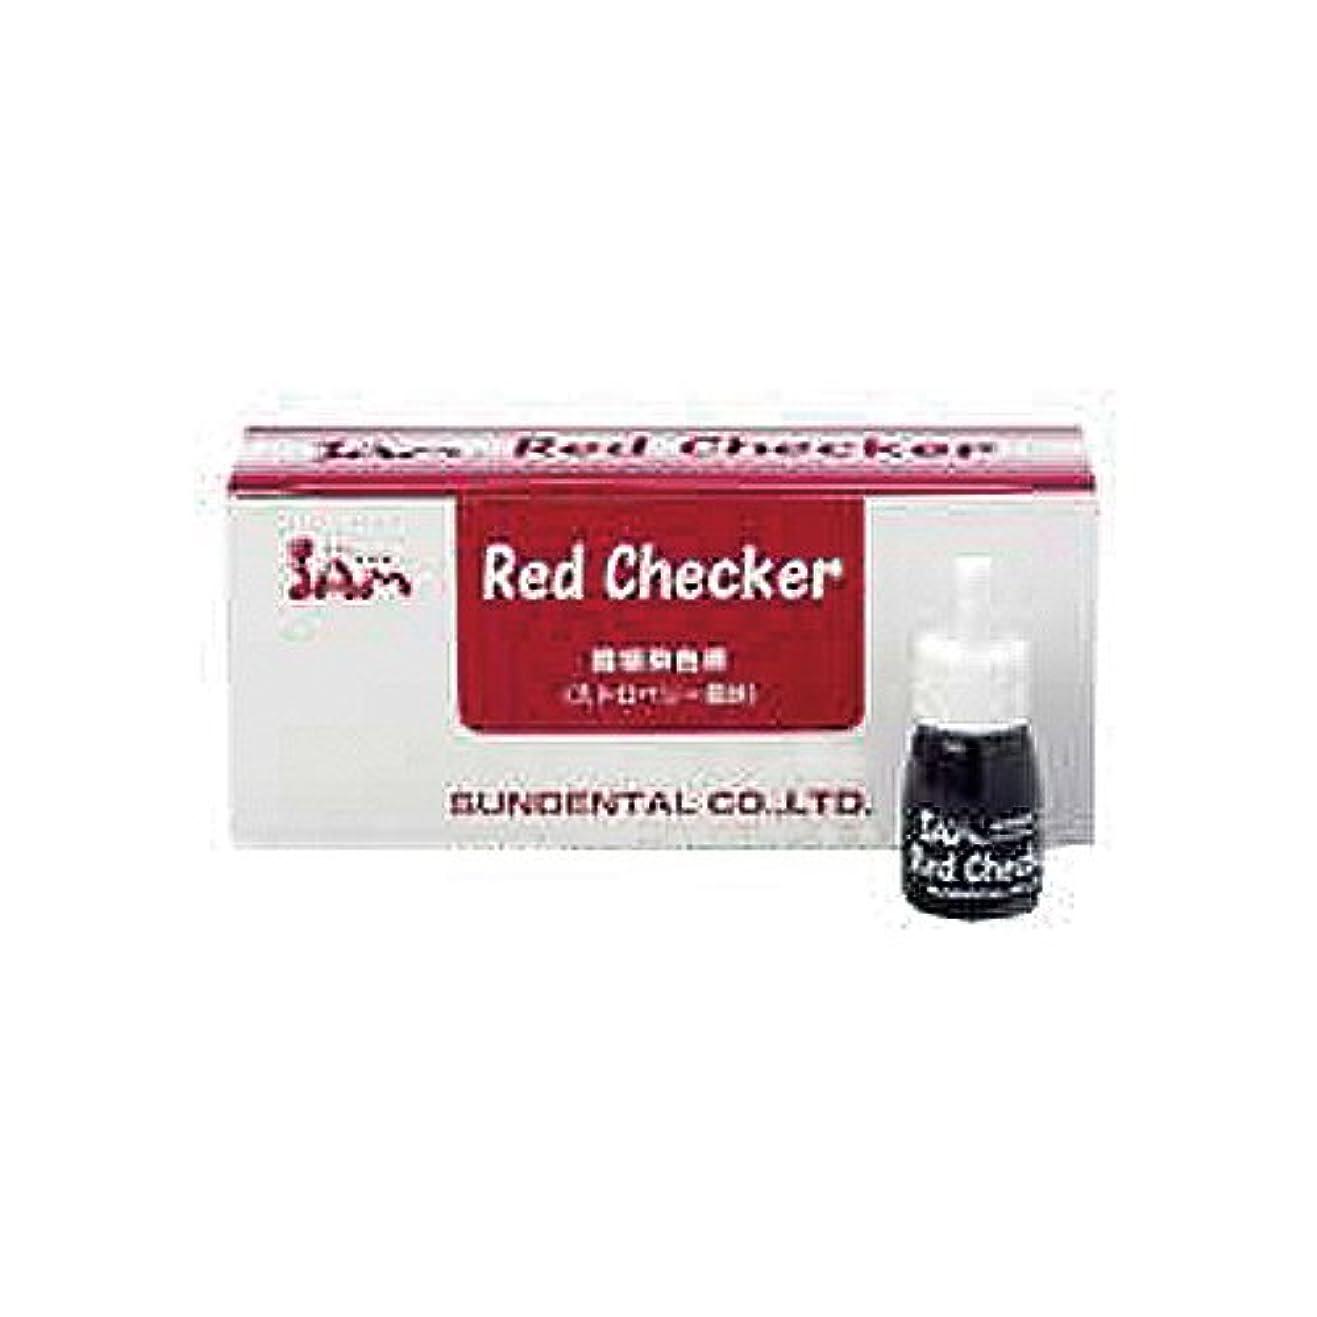 トチの実の木焦がすショルダーサムフレンド レッドチェッカー Red Checker 5ml × 12本